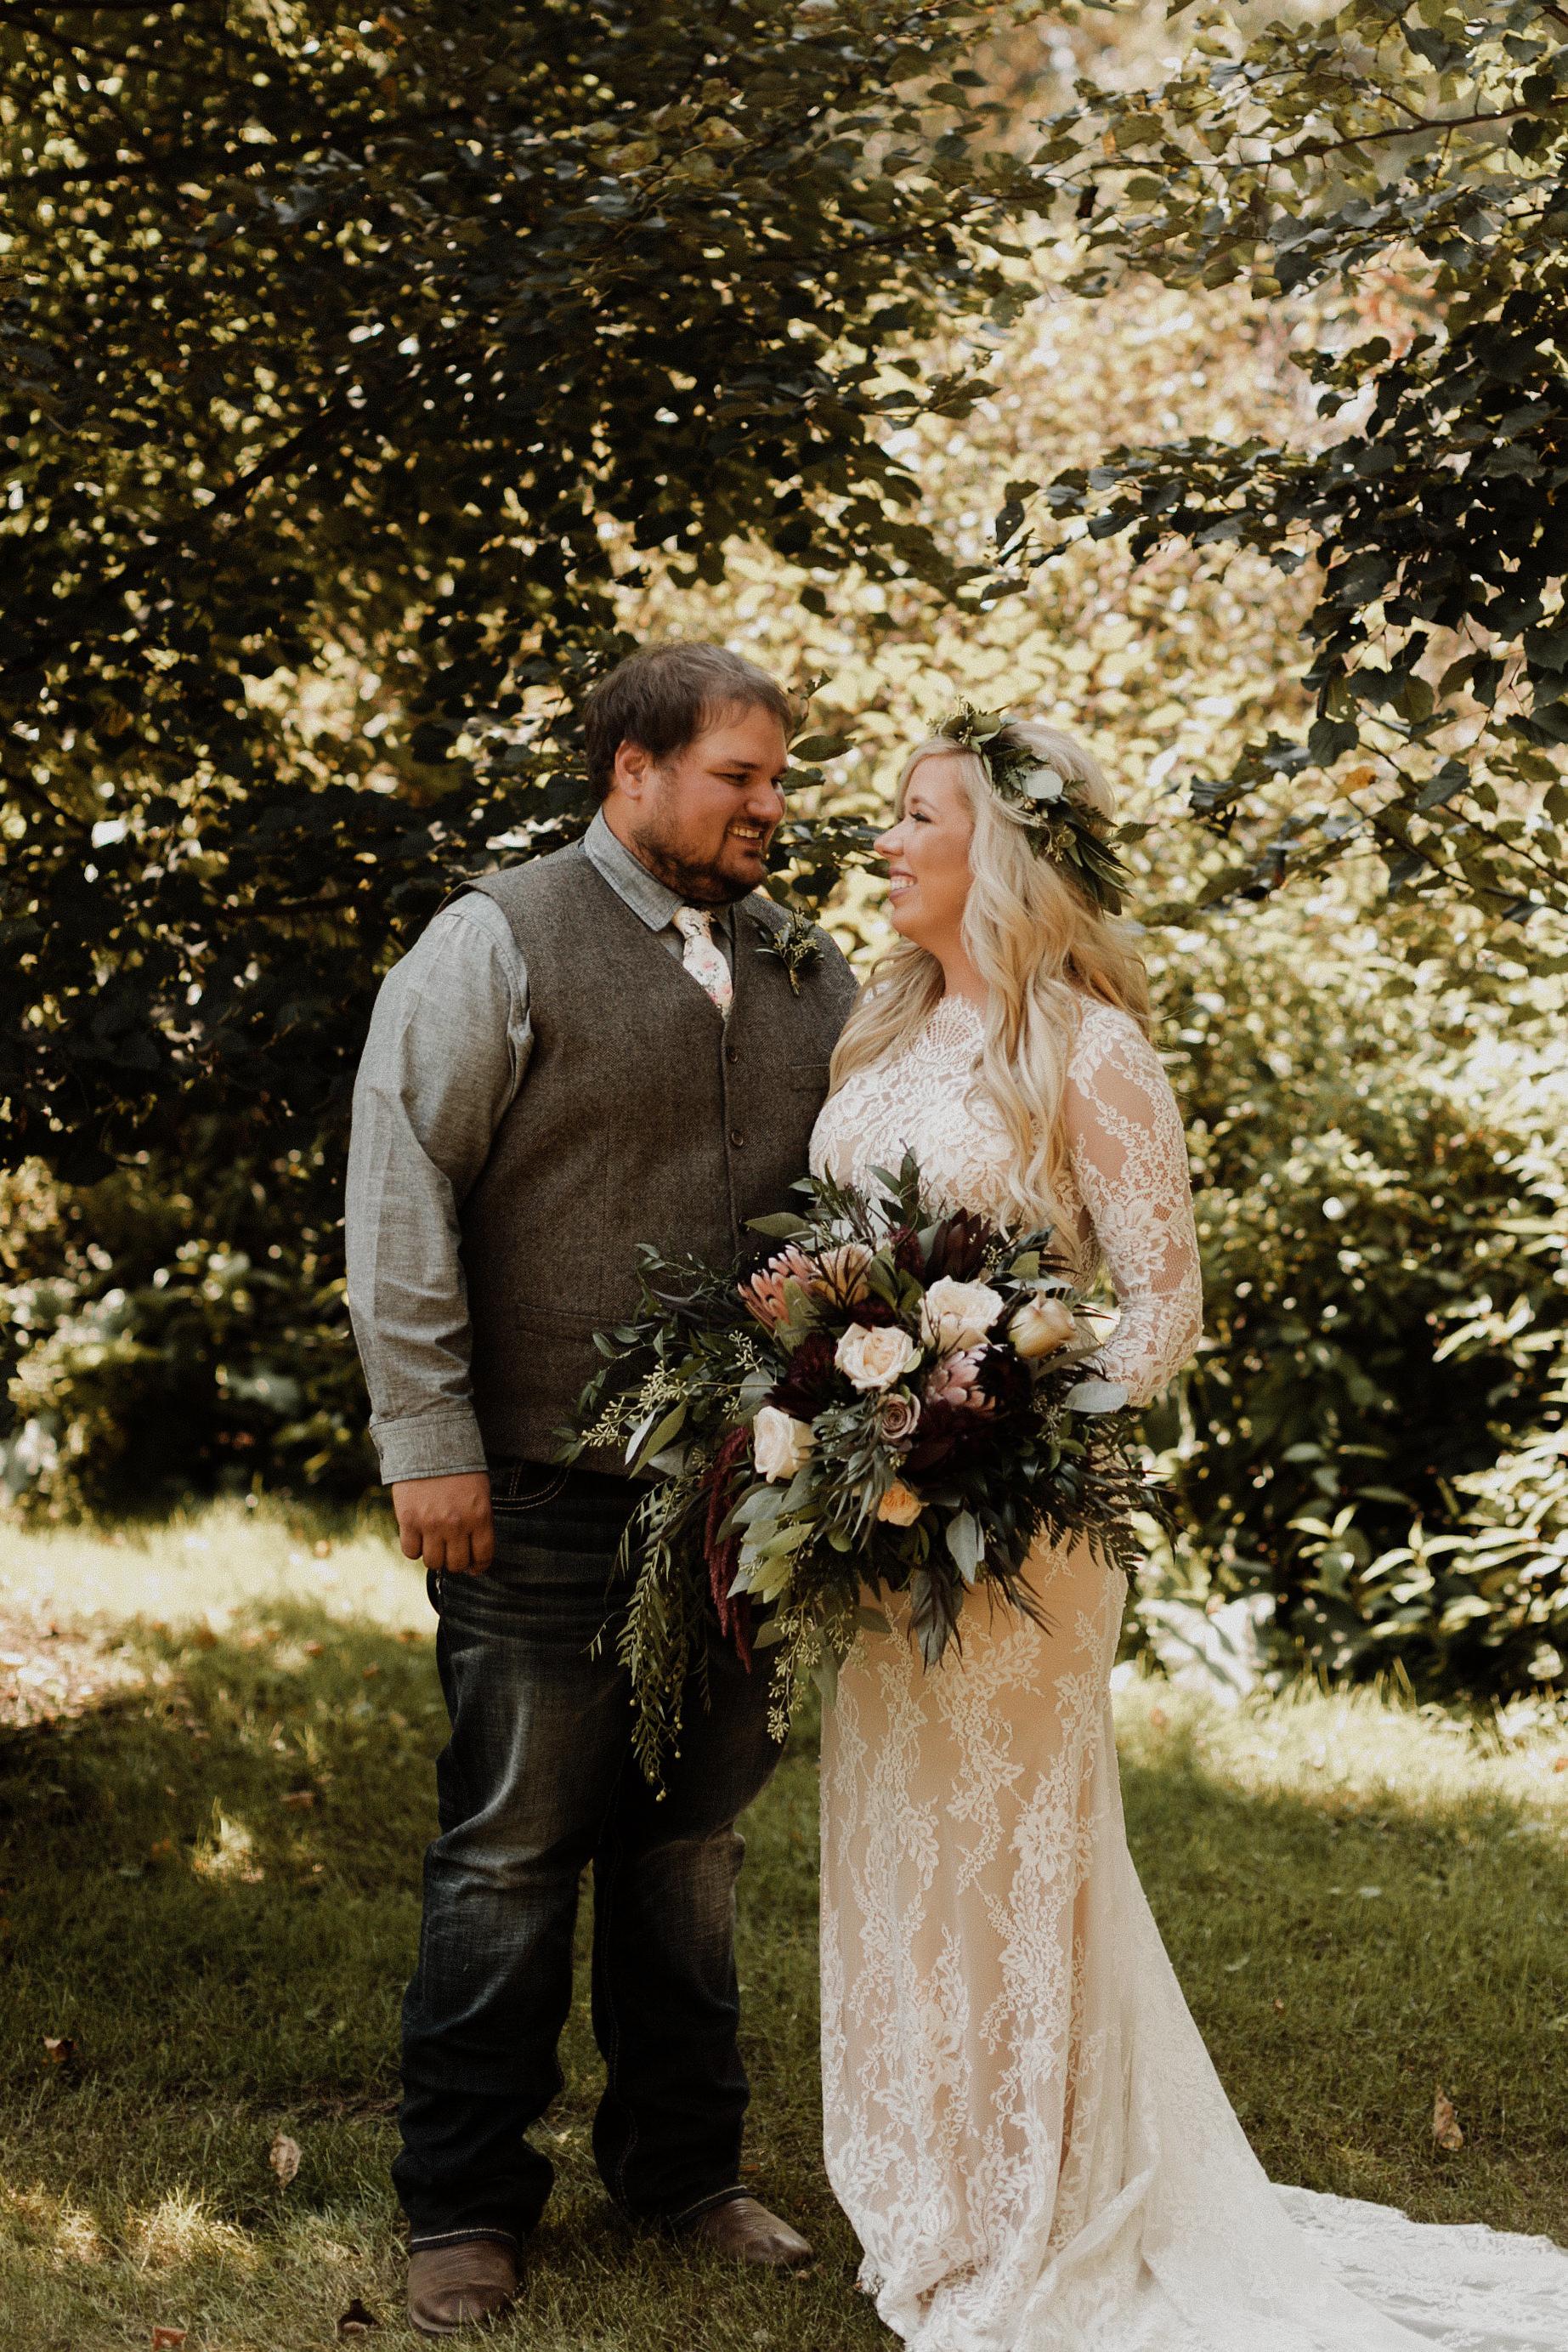 Skylar+Brock_Wedding_TonyaHjortPhotography-109.jpg